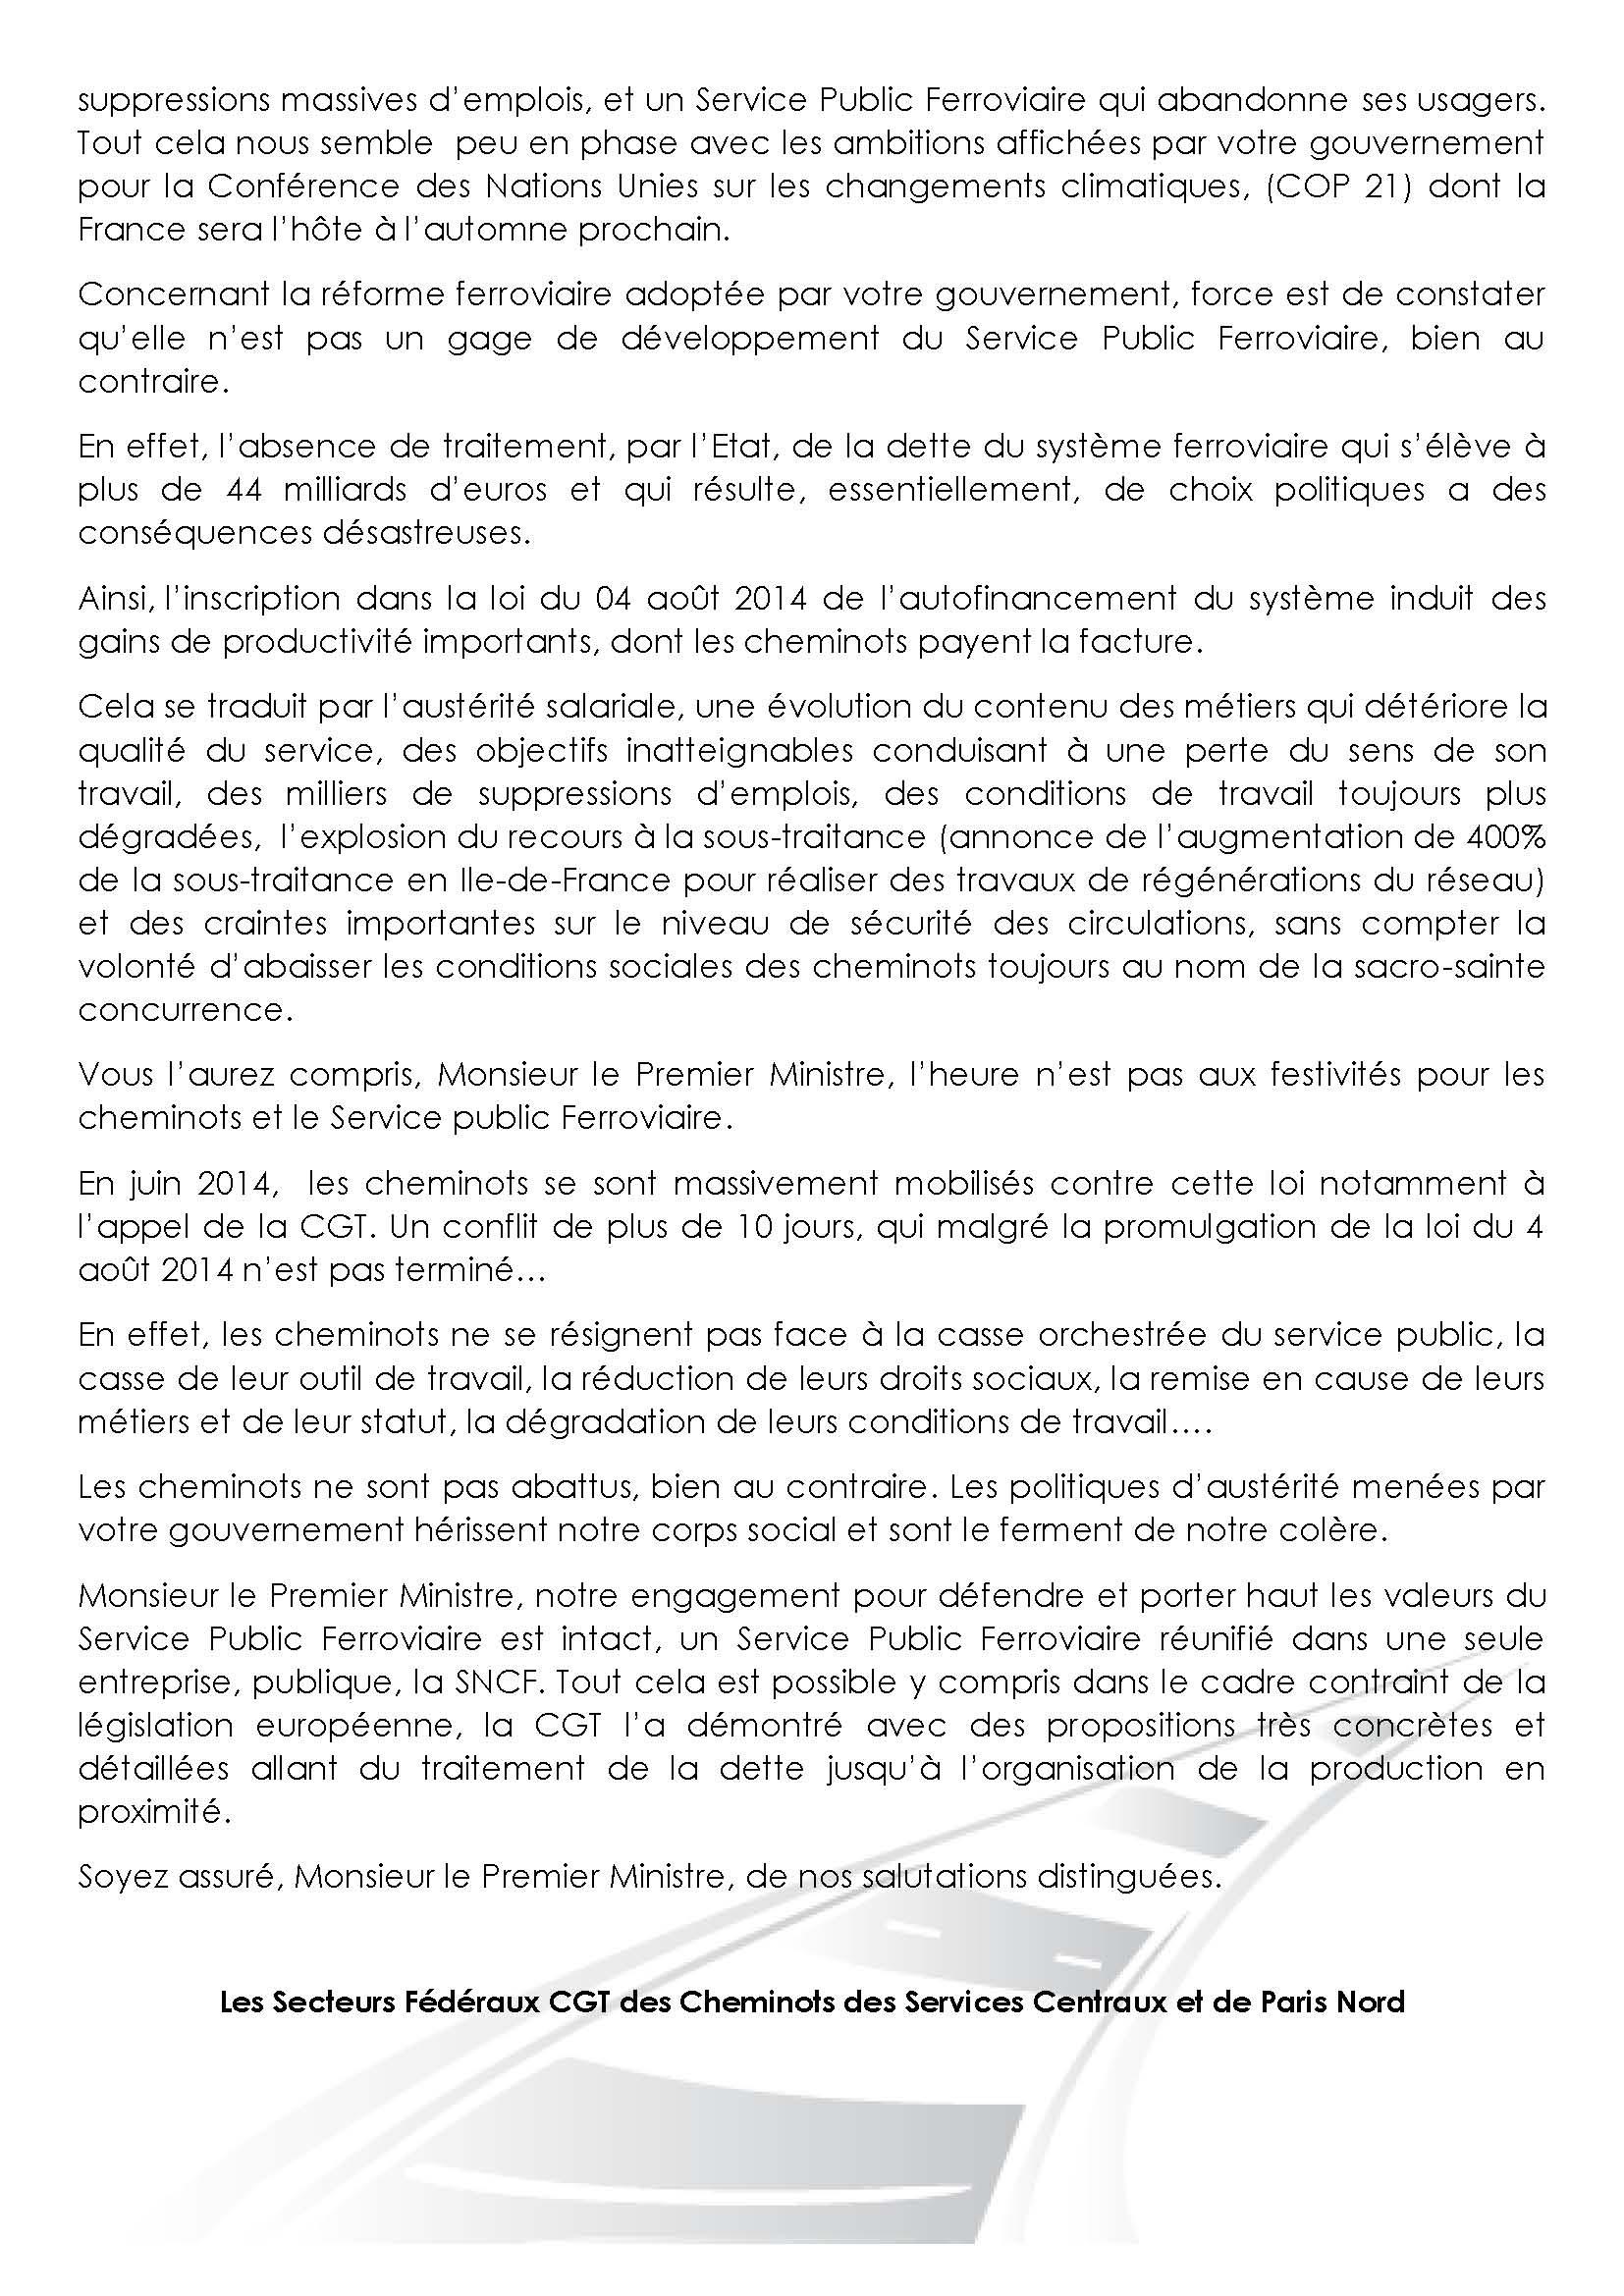 lettre ouverte à manuel valls version ctrx-pno_Page_2